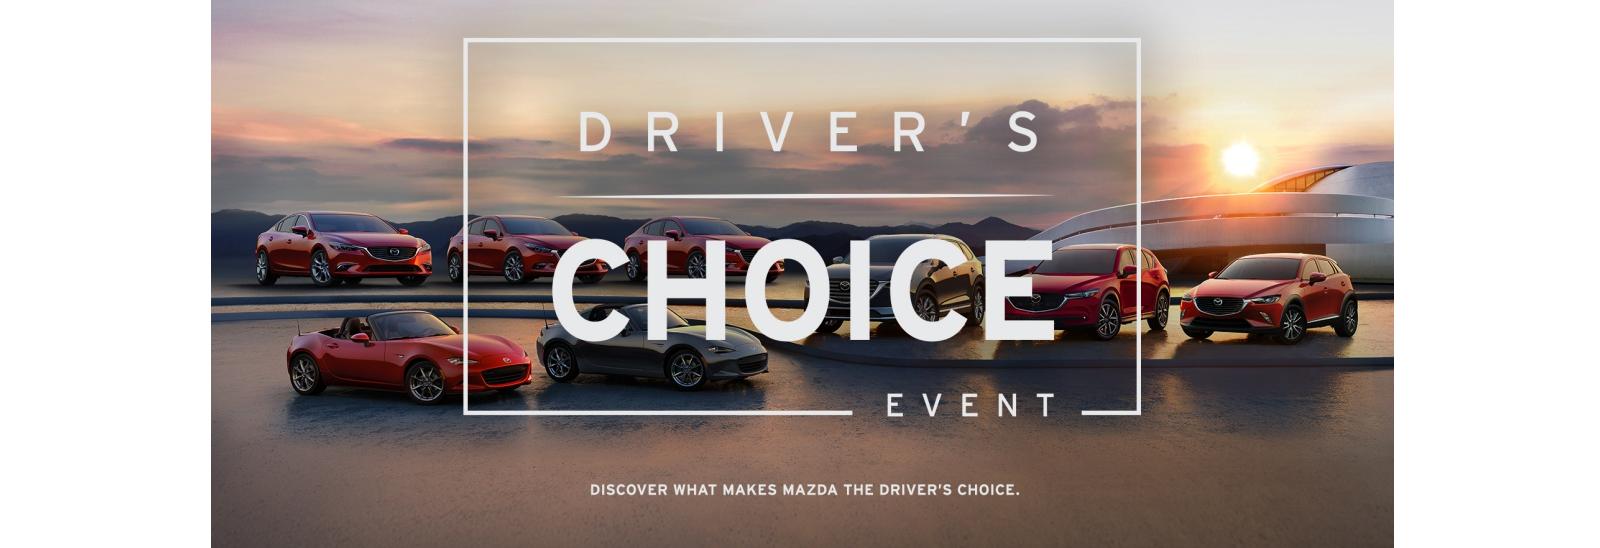 Drivers Choice